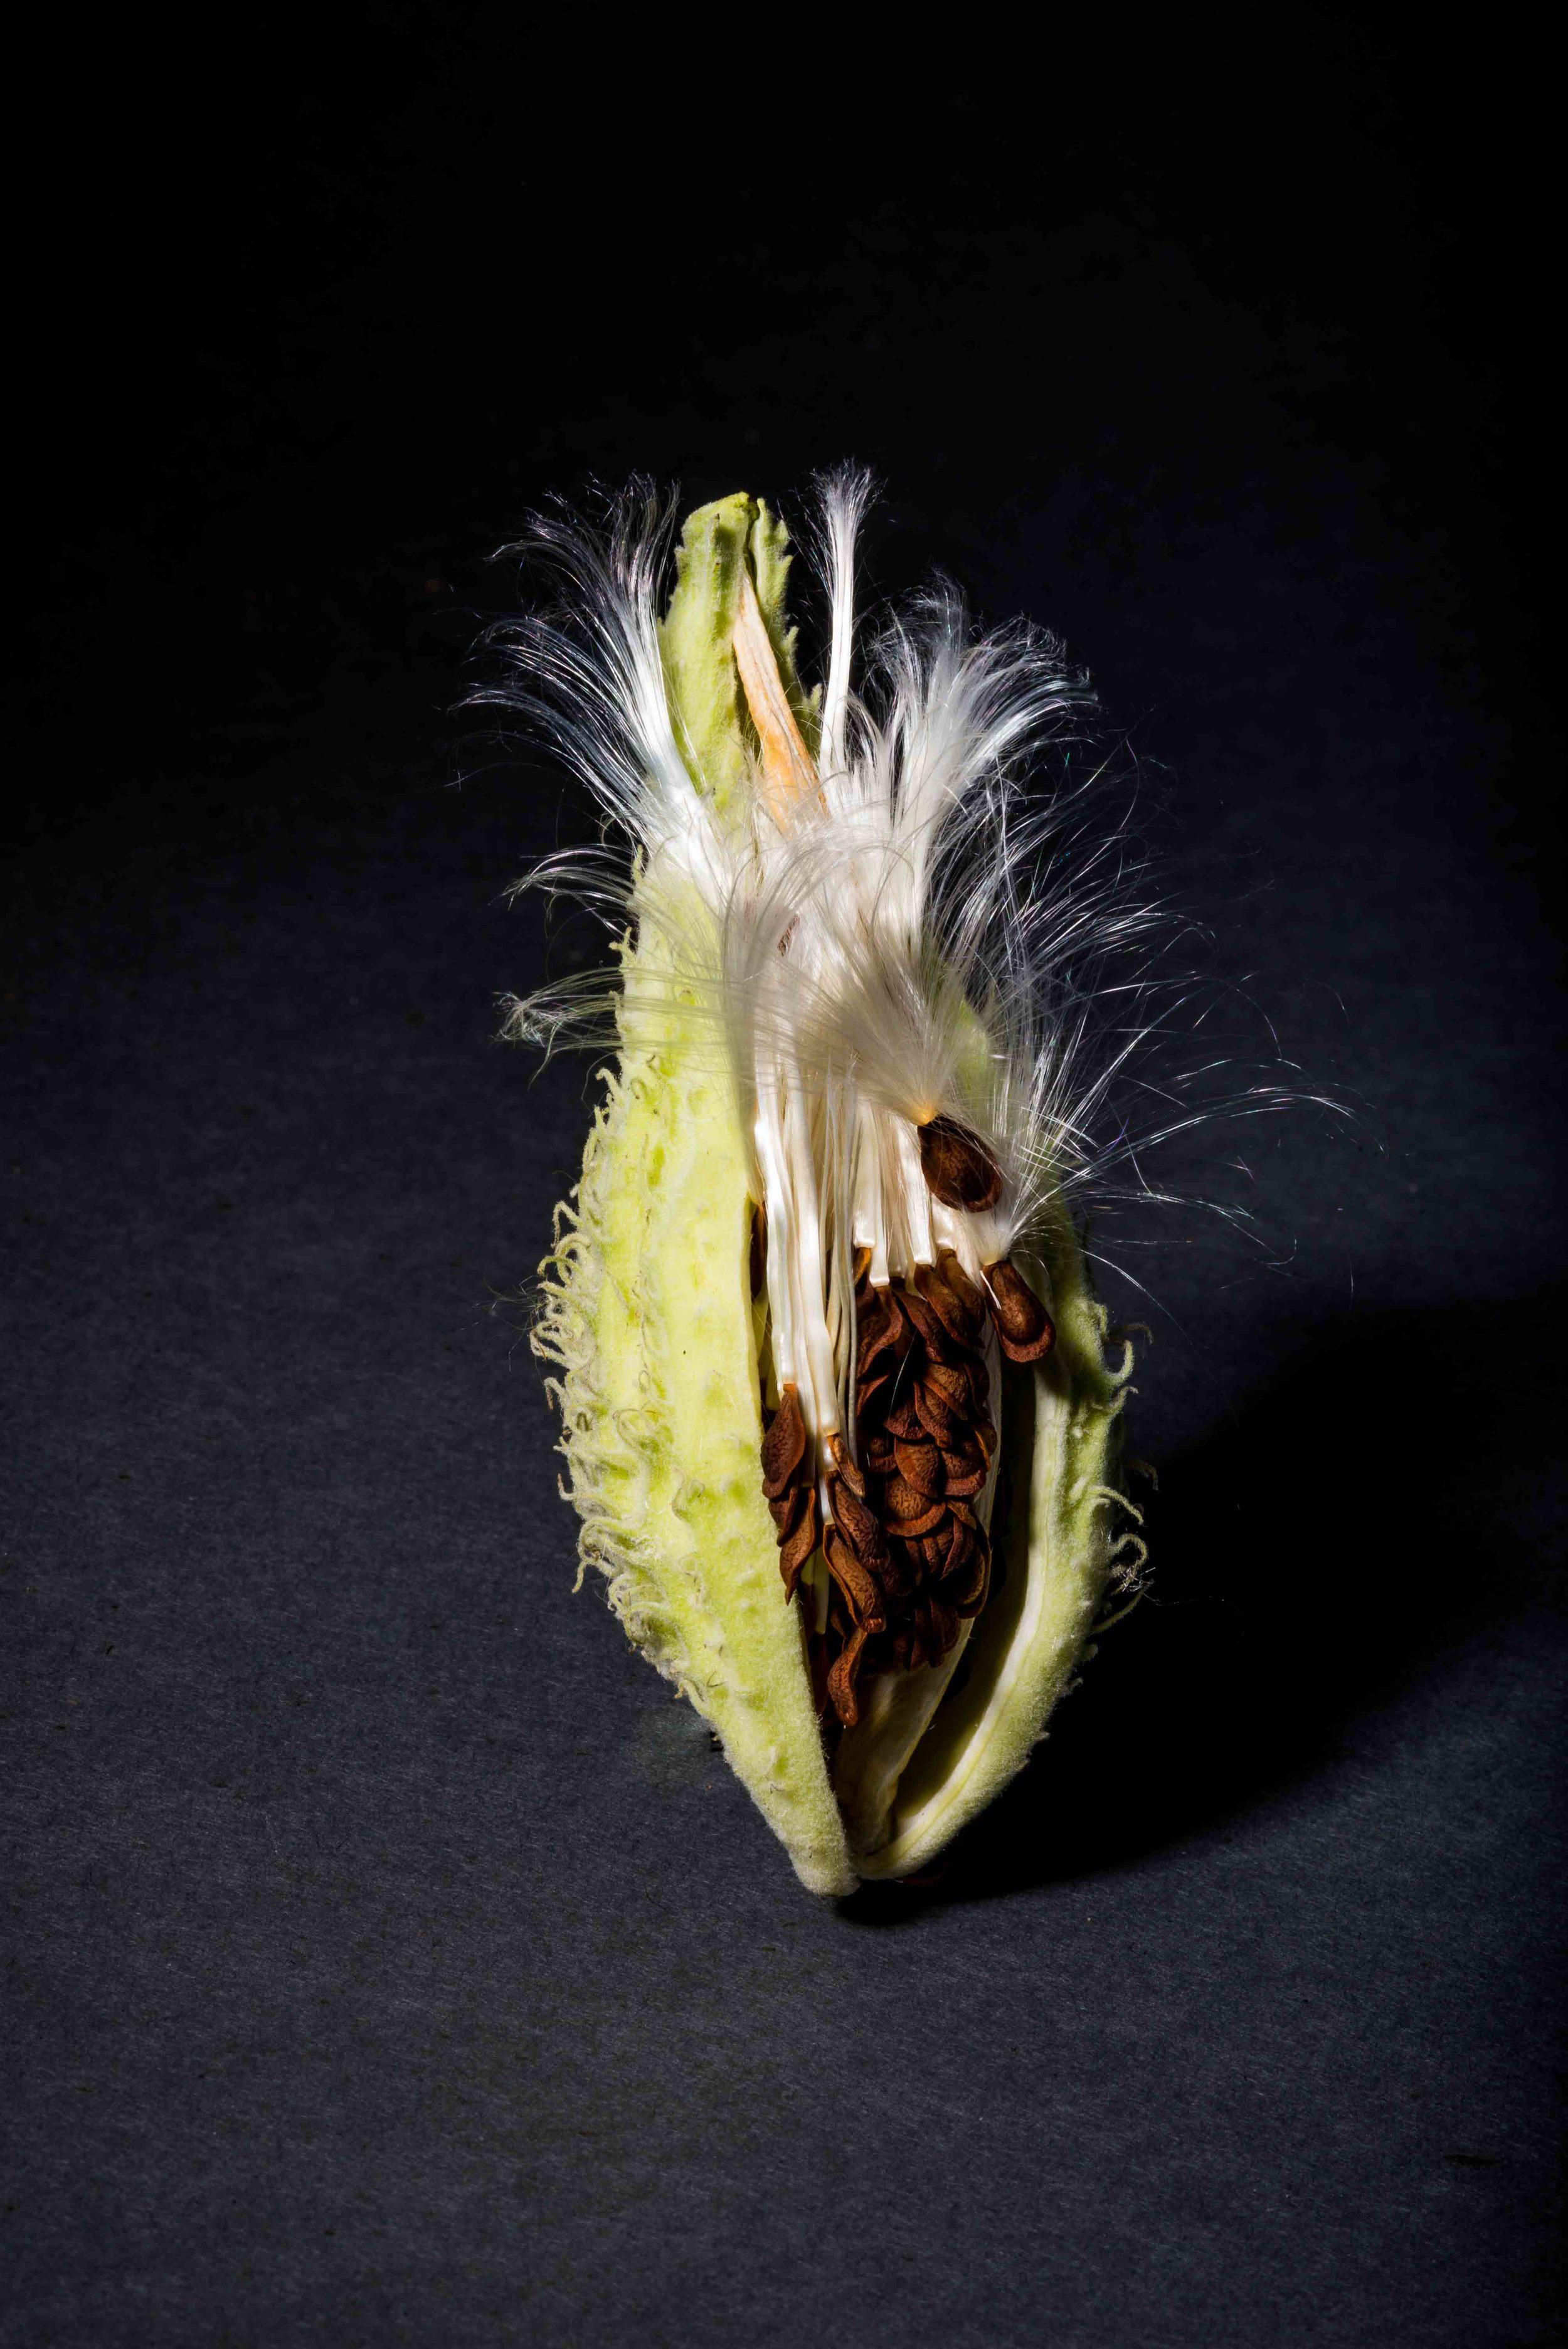 Milkweed study 4